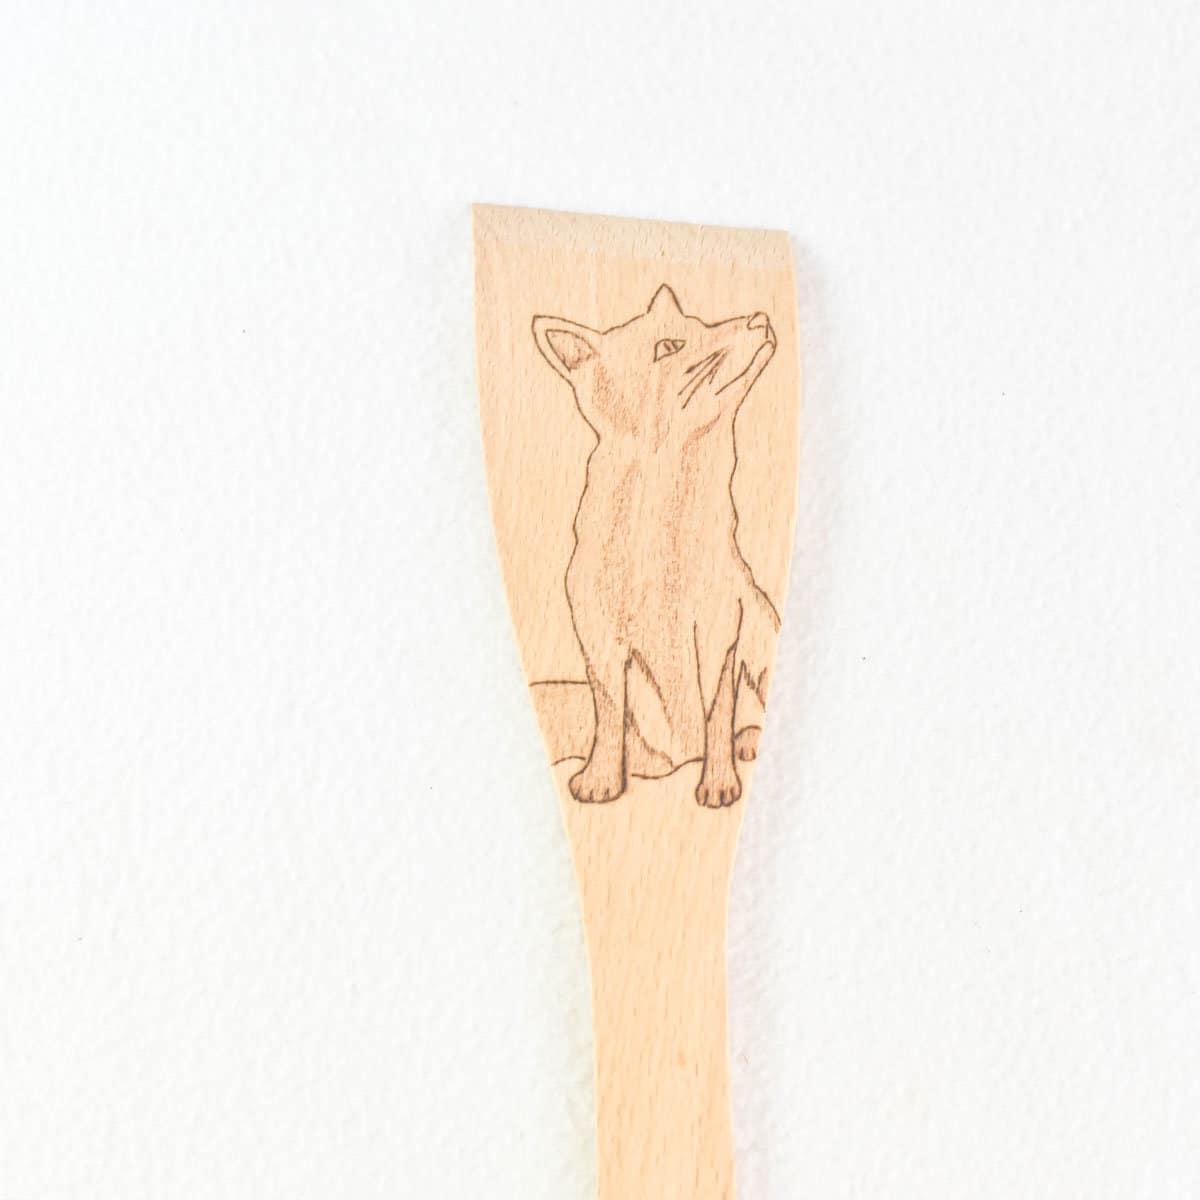 renard-spatule-pyrogravure-ustensile-de-cuisine-cadeau-original-artisanat-français